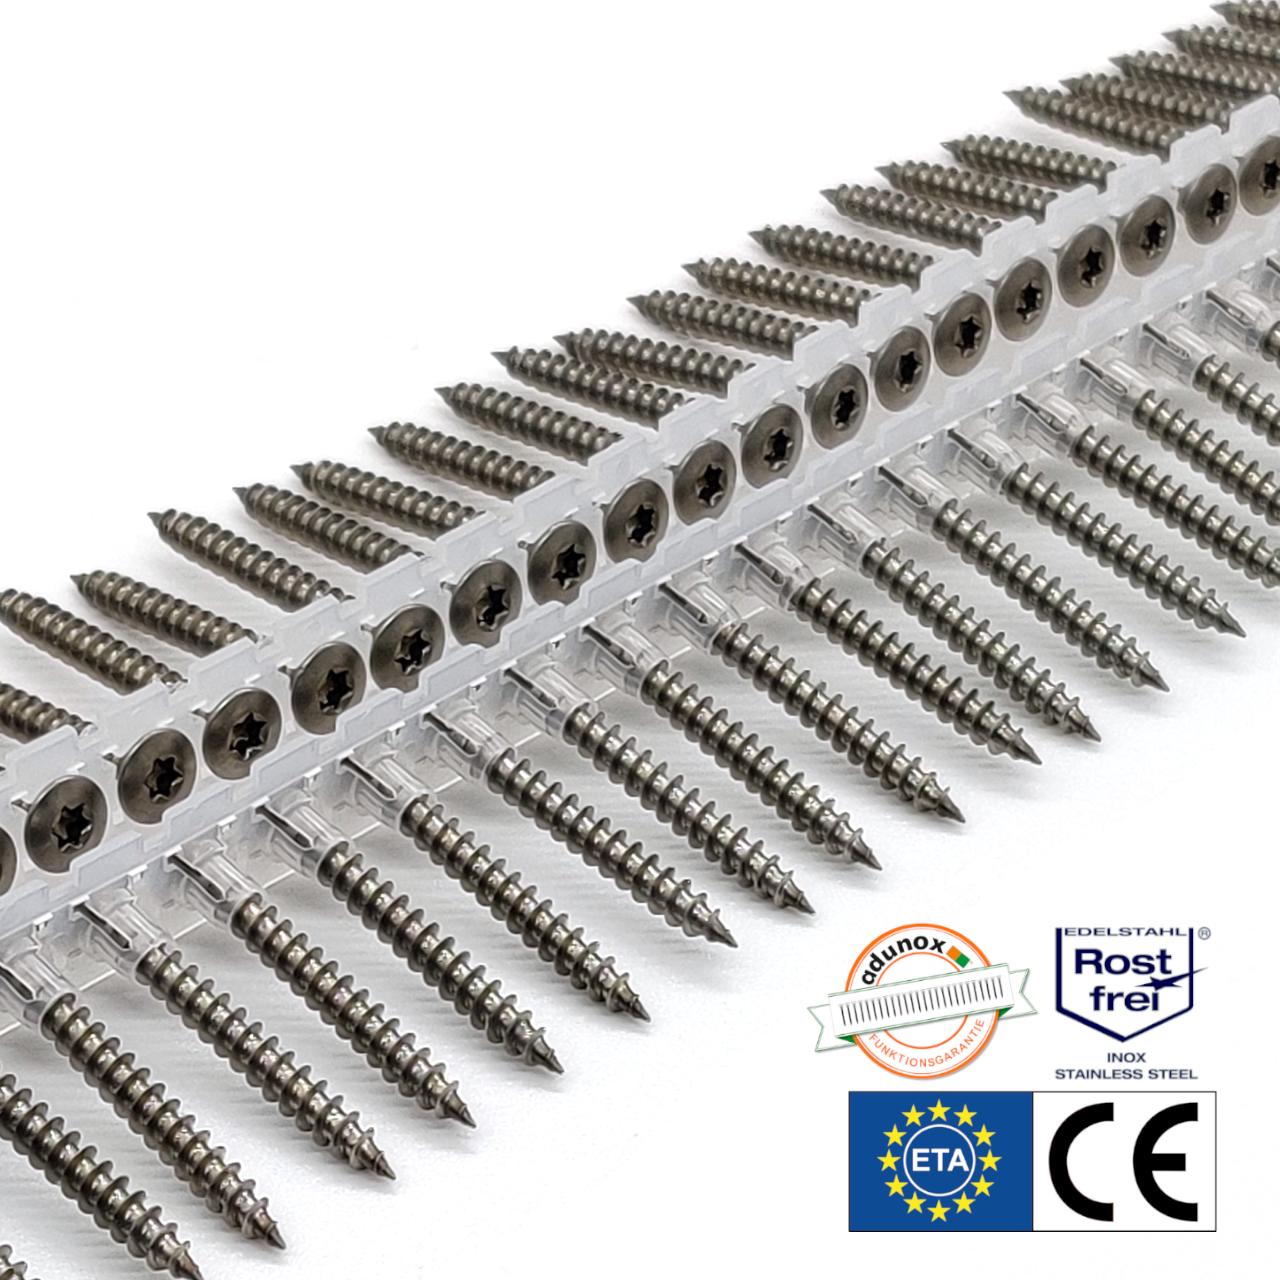 Magazinierte Holzschrauben | rostfrei A2 | Linsensenkkopf | 4,5x40 | 1.000 Stk